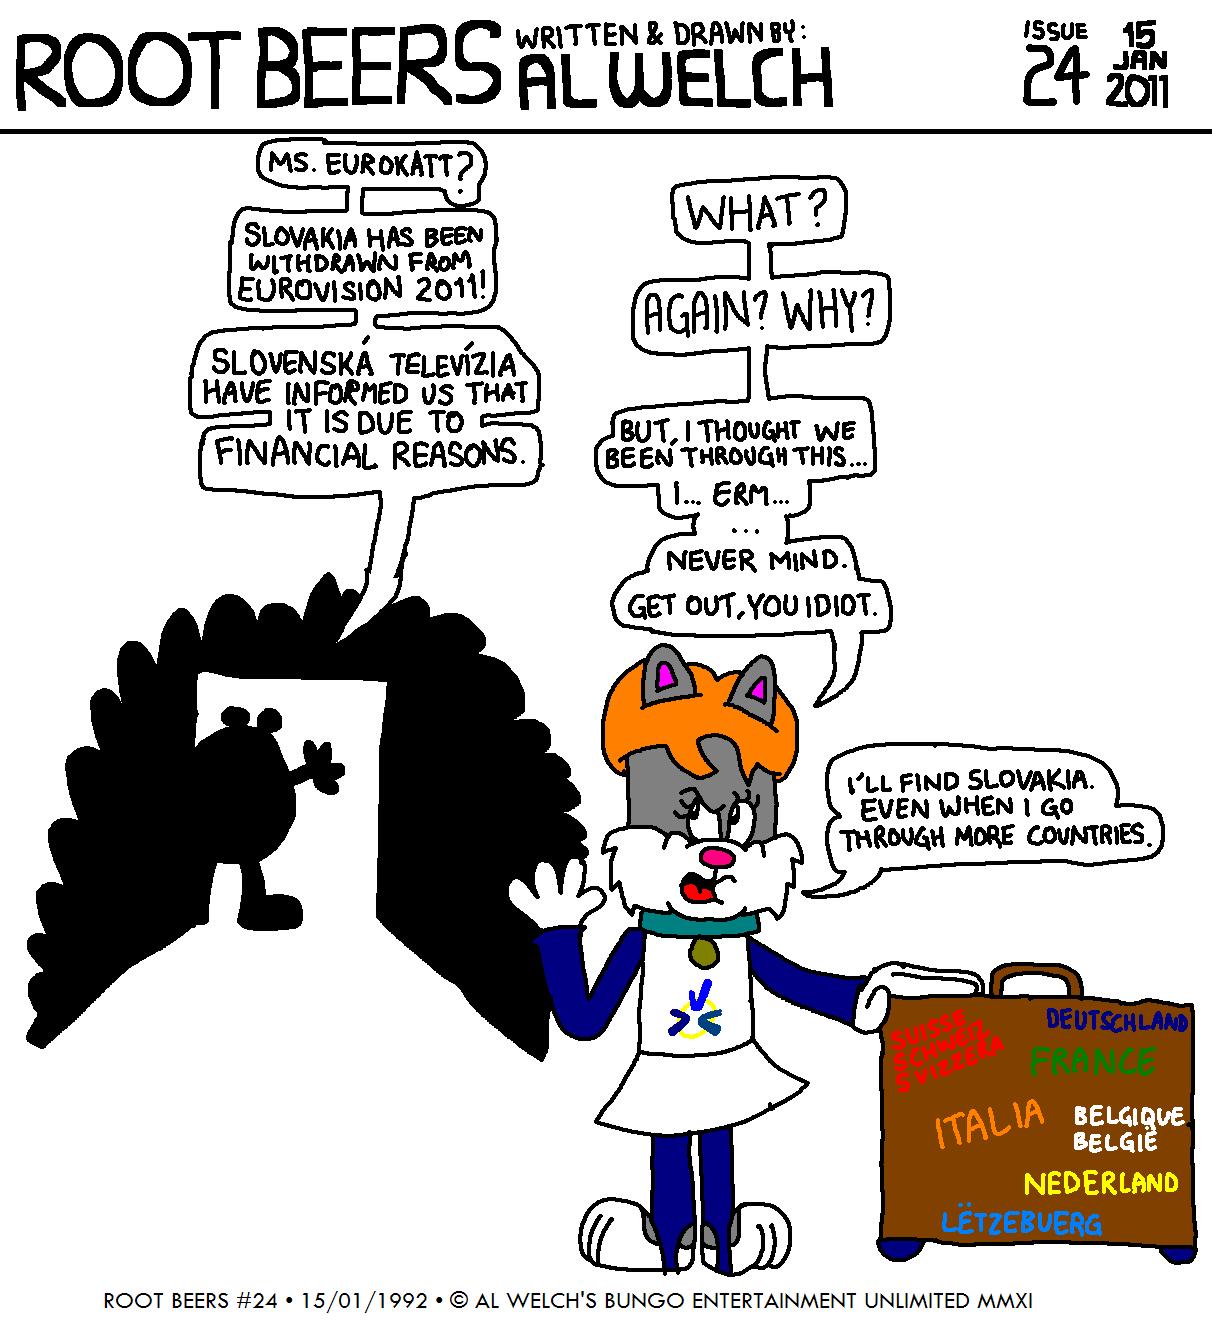 Root Beers 024 - Not Slovakia?